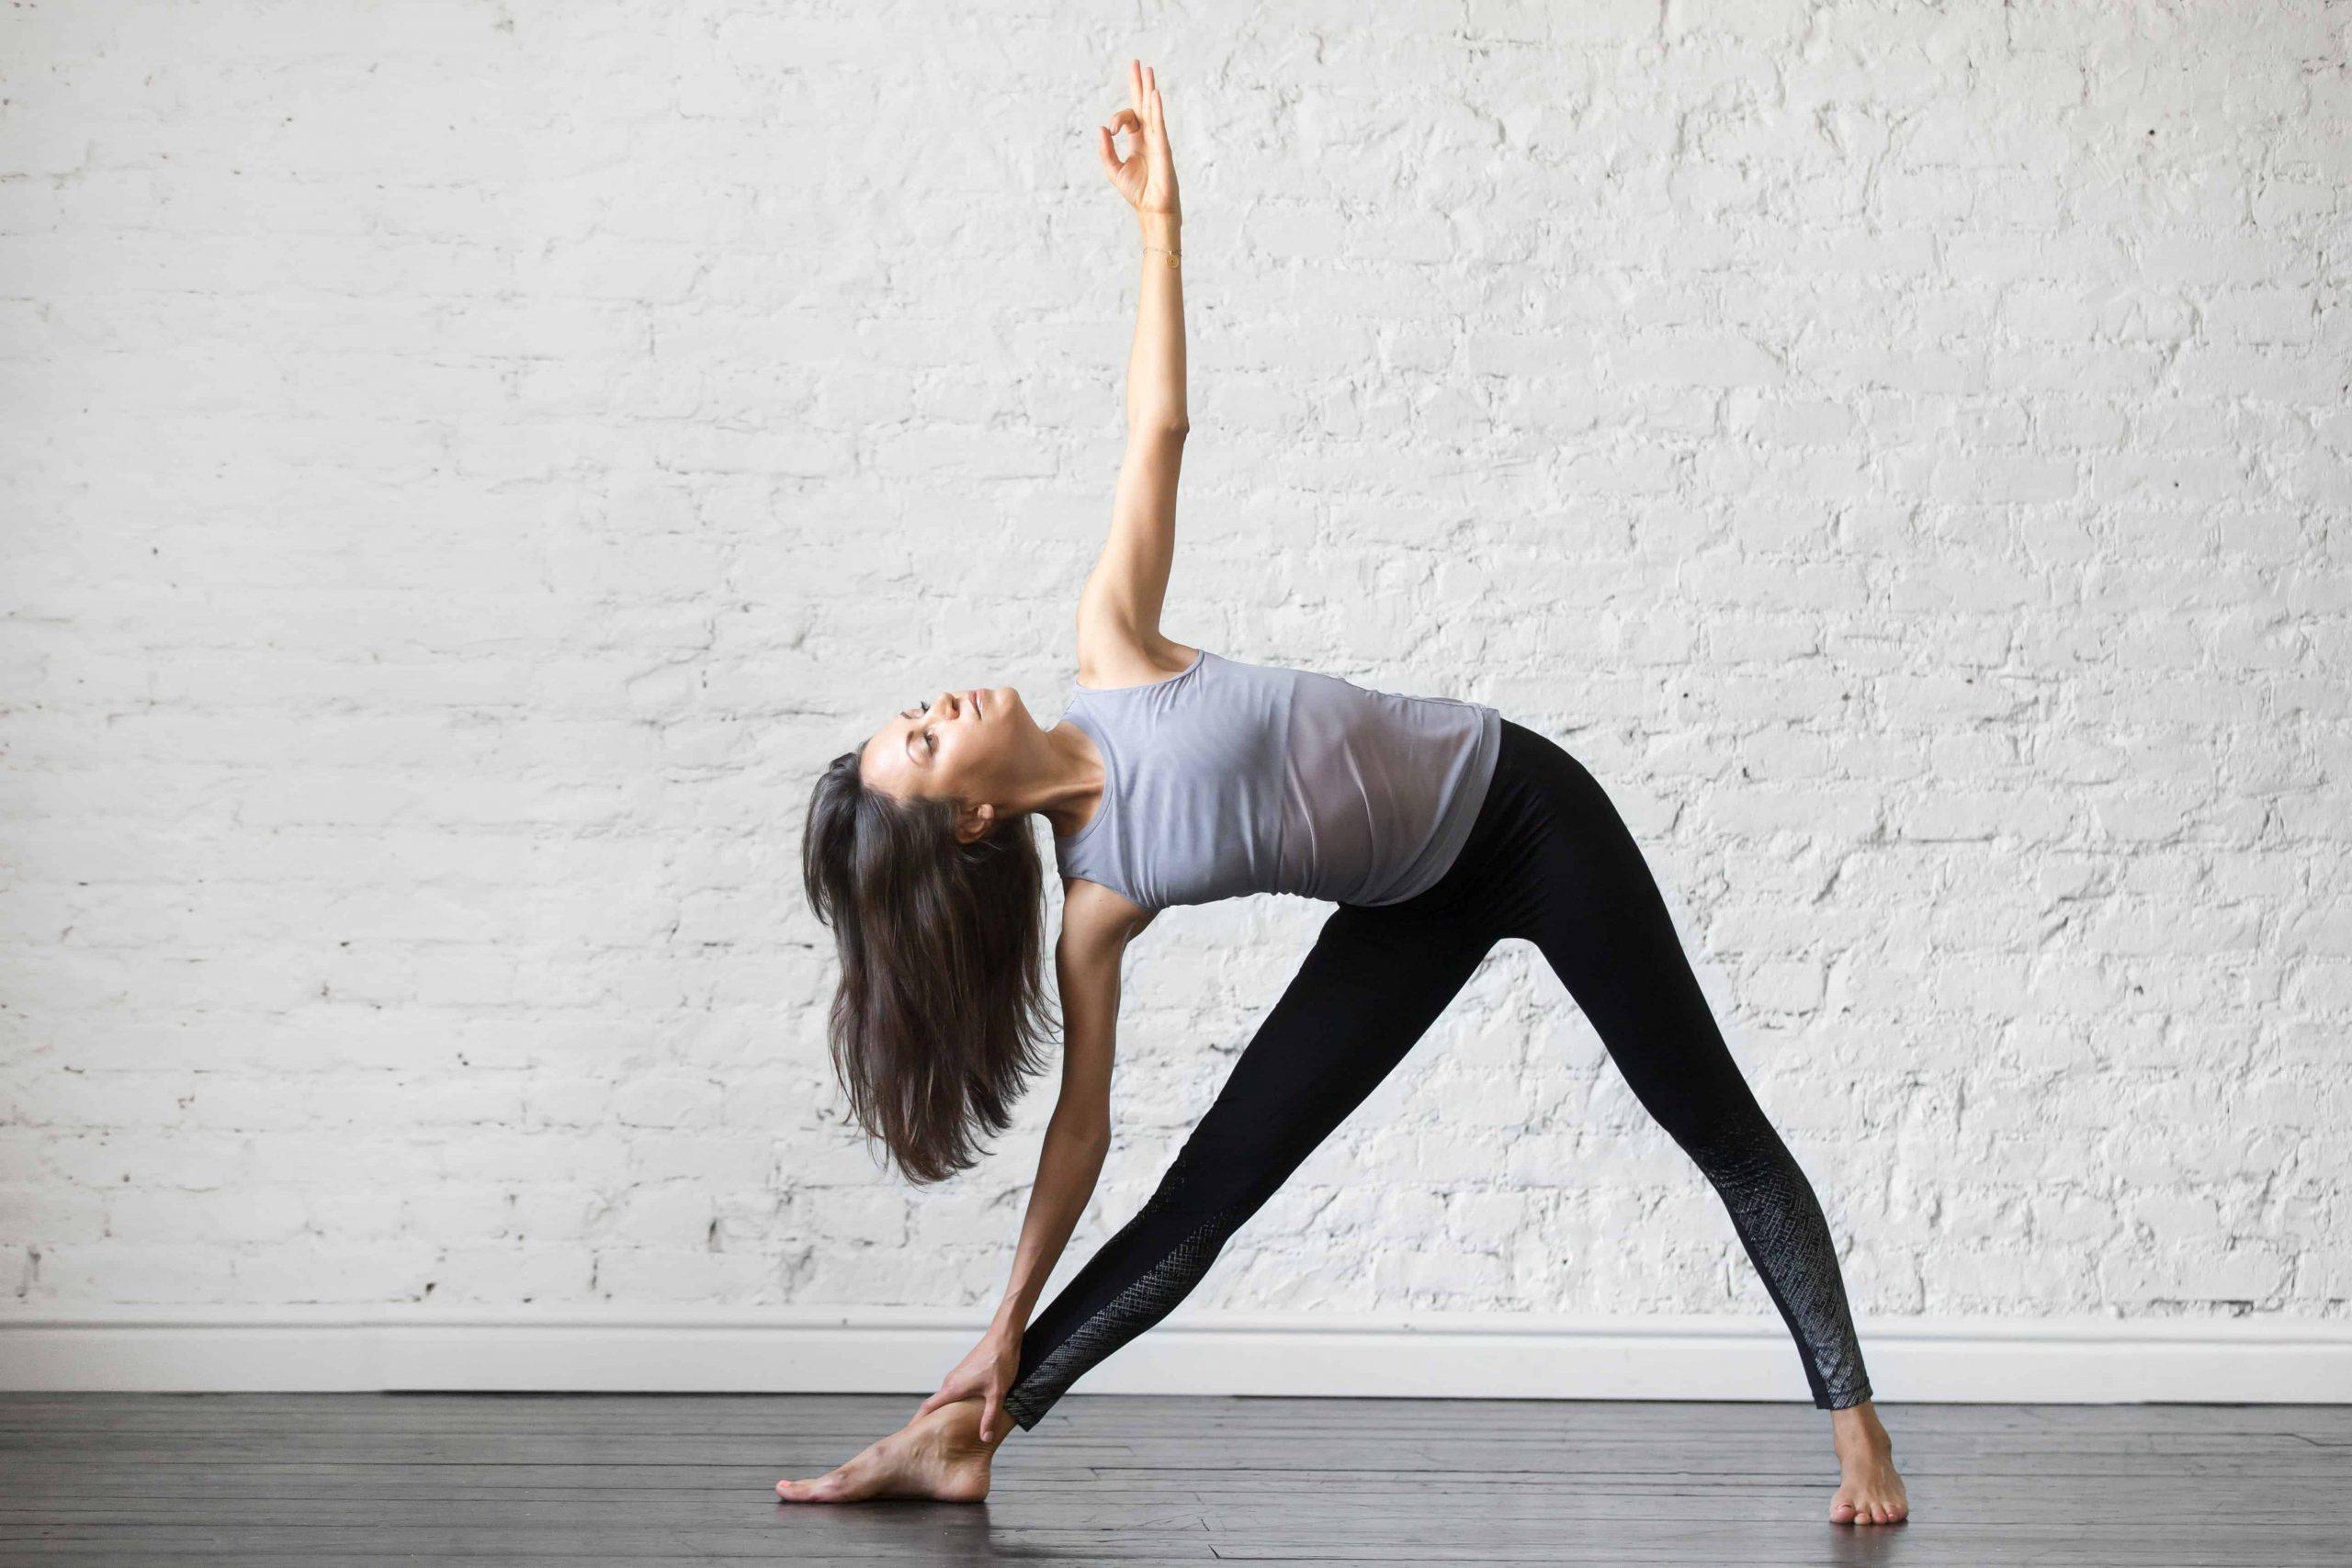 Yogahose: Test & Empfehlungen (04/20)